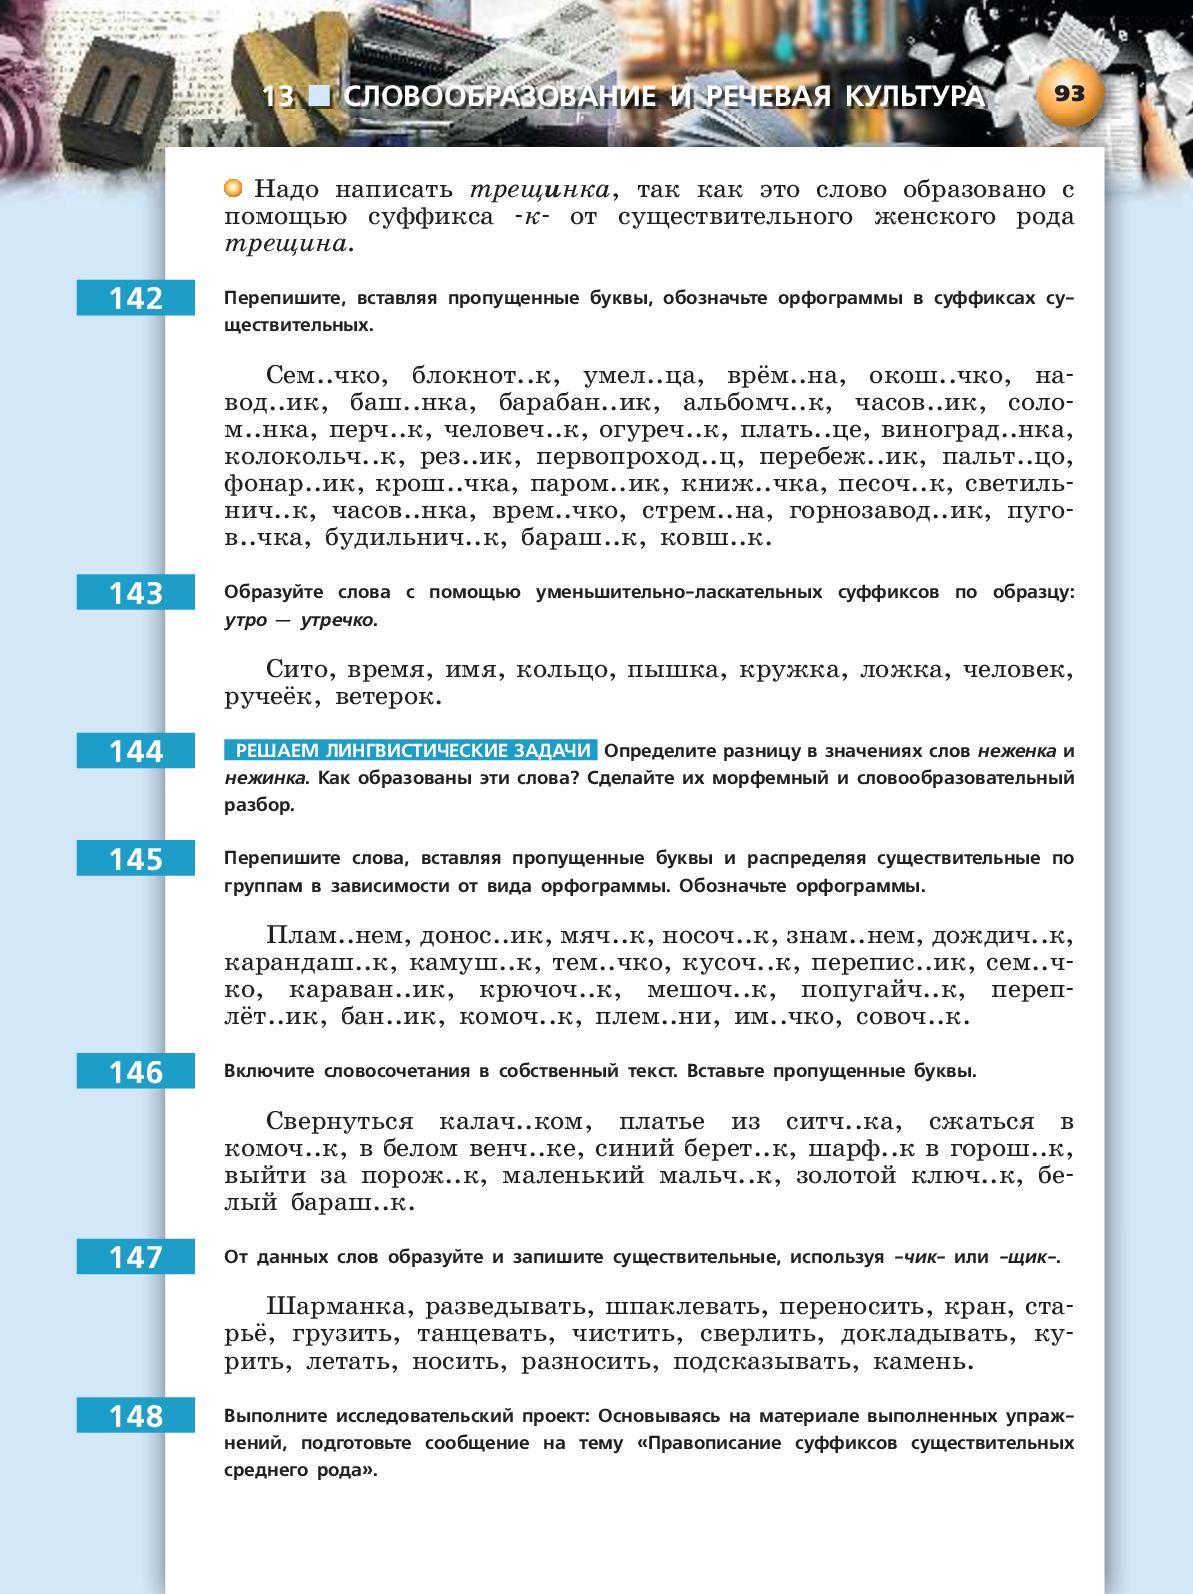 Русский язык 10 класс УМК Сферы (Чердаков Д Н , Дунев А И , Вербицкая Л А и др)